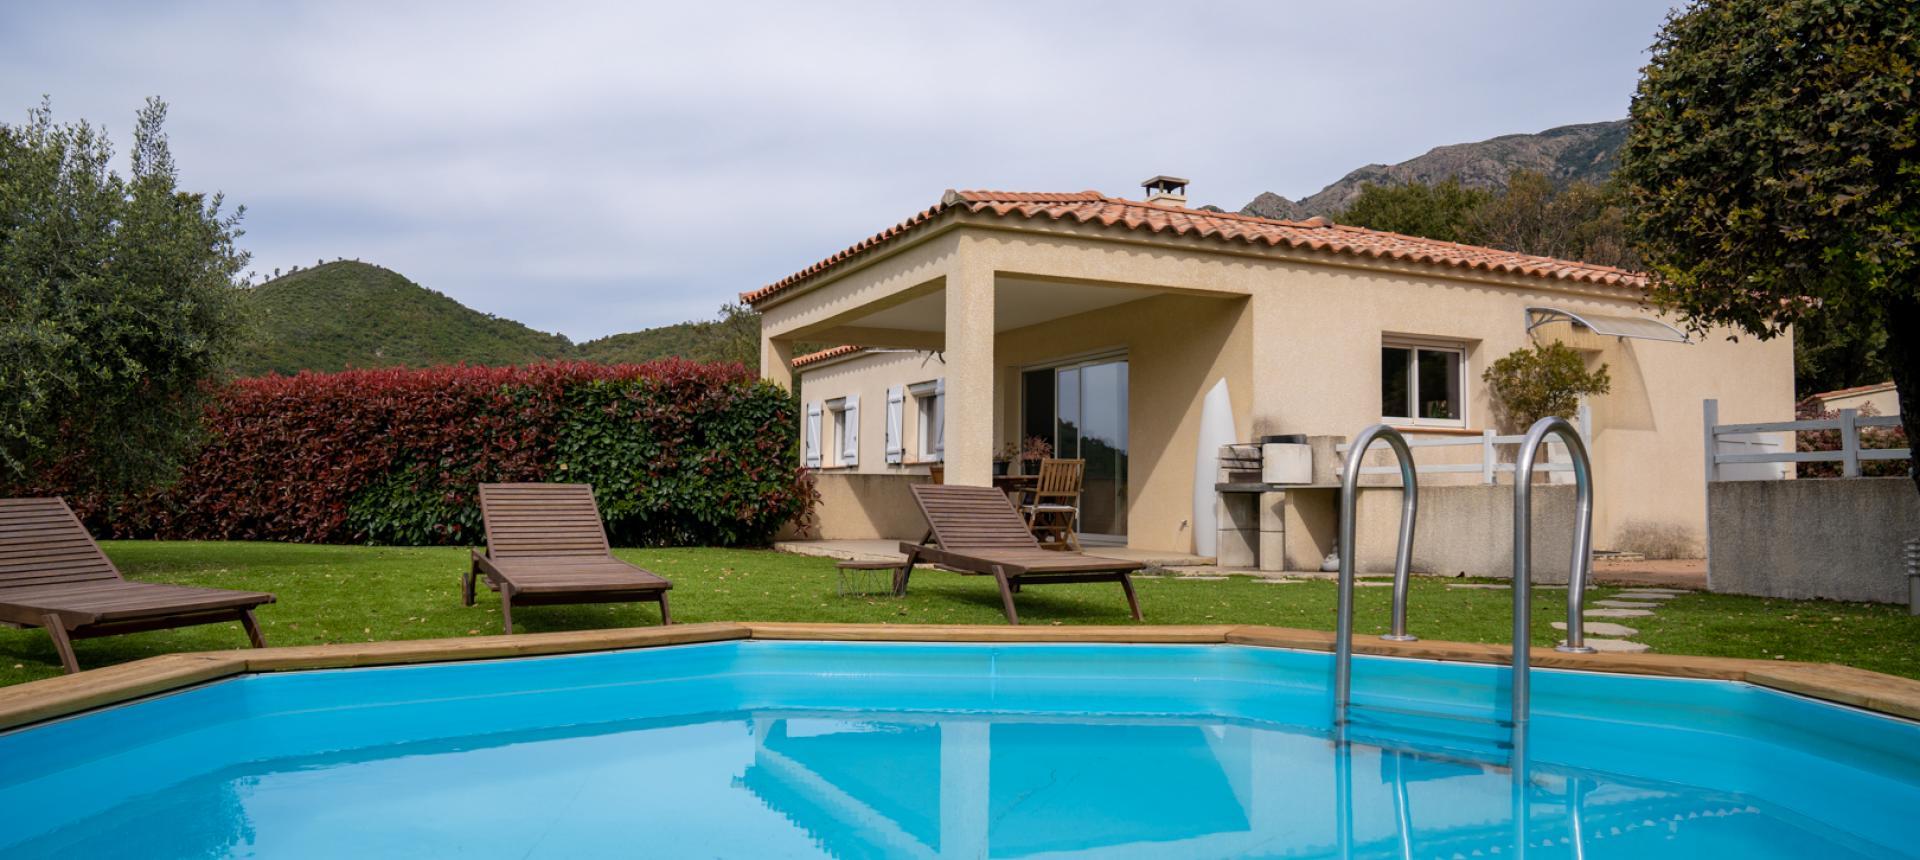 Vente Villa F4 Tavaco  piscine